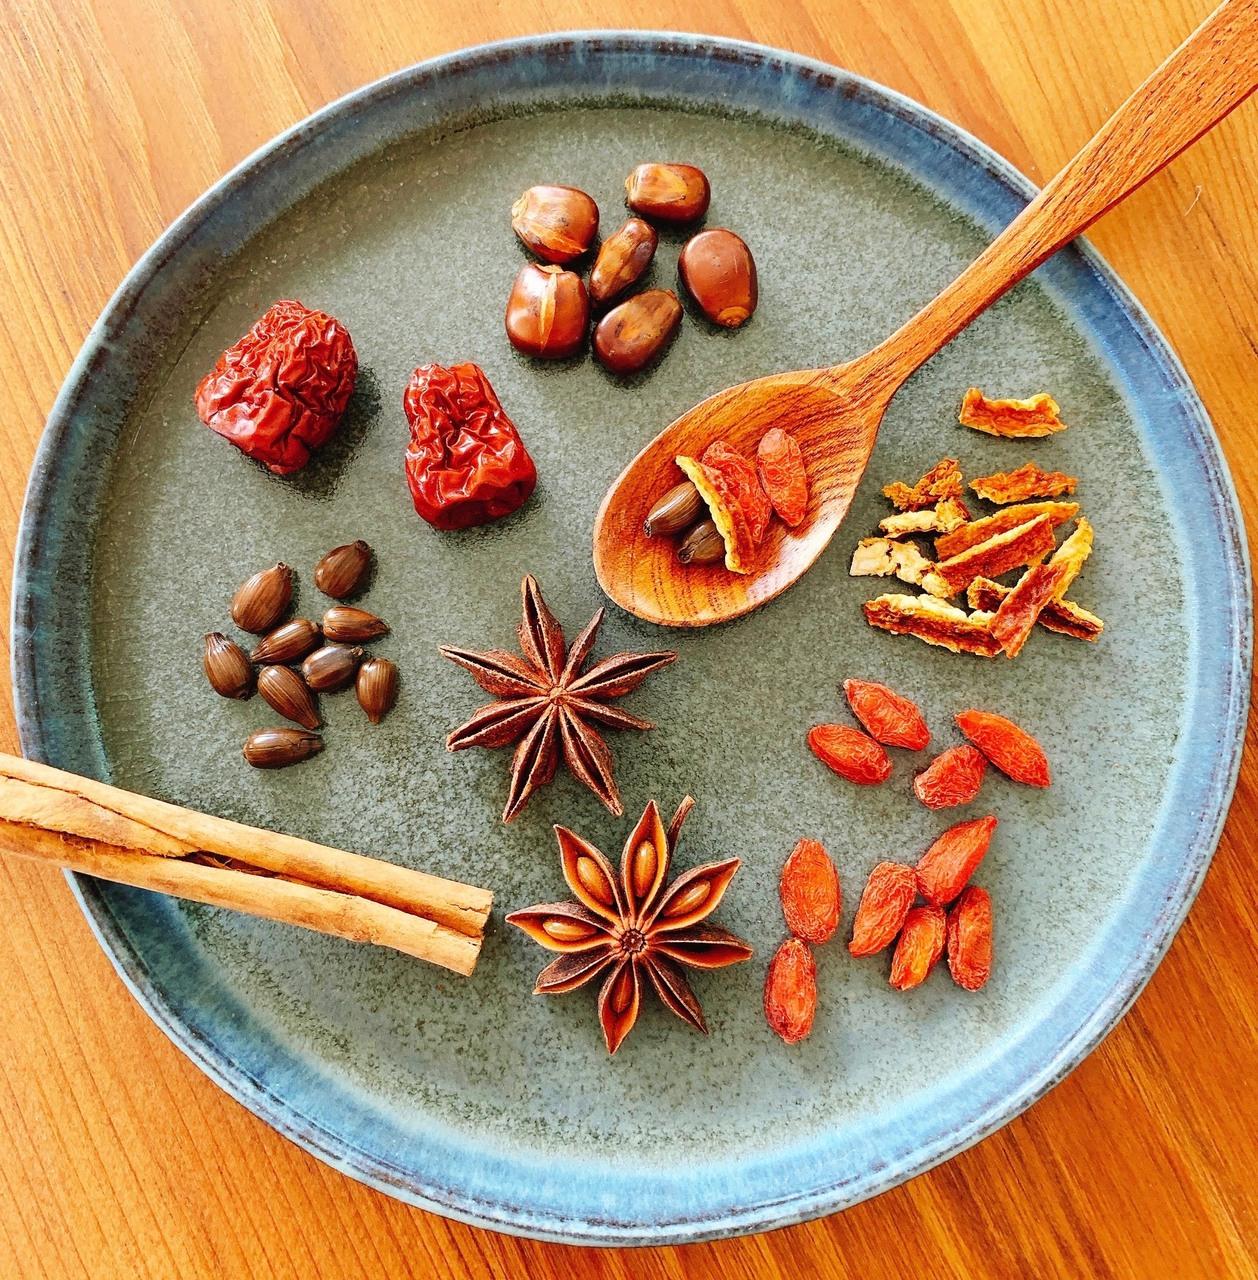 〈五臓養生講座〉五臓から読み解く季節の養生と食事法講座オンライン